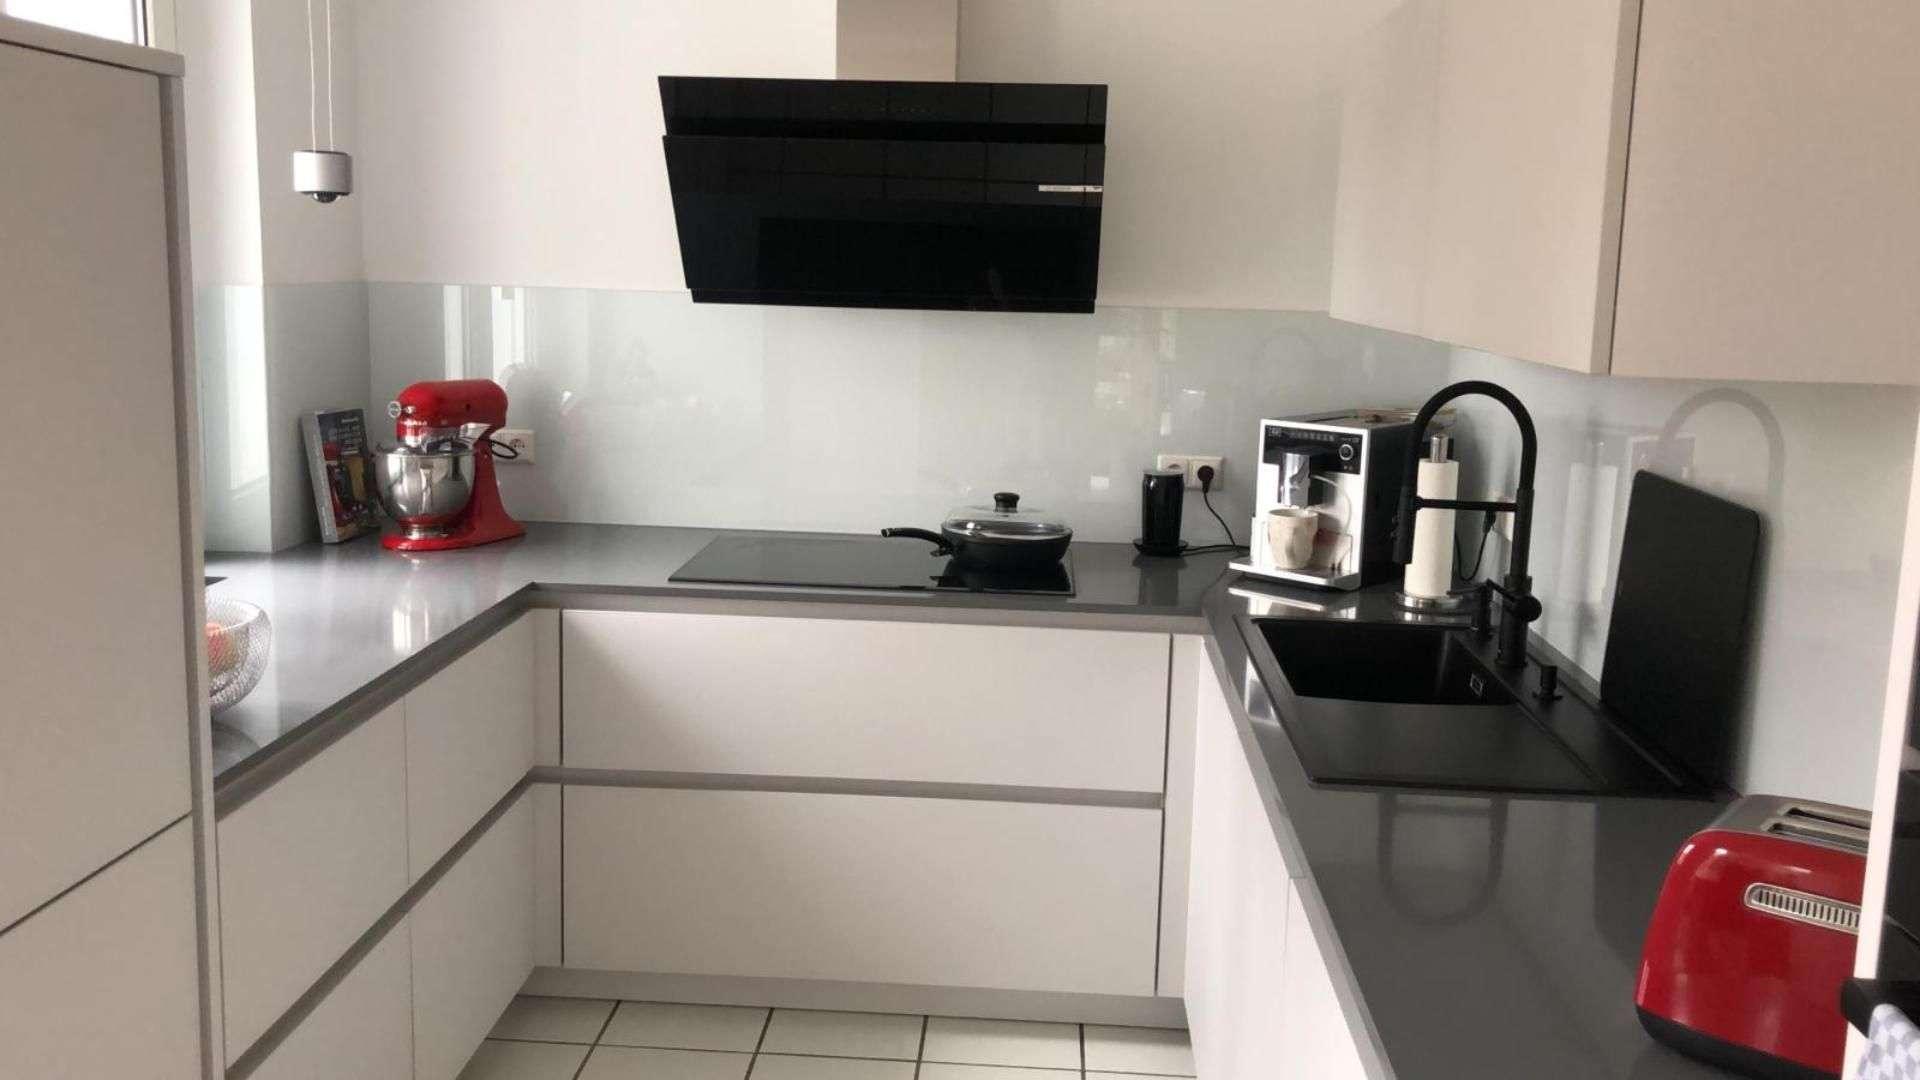 Glasrückwand in einer Kücher